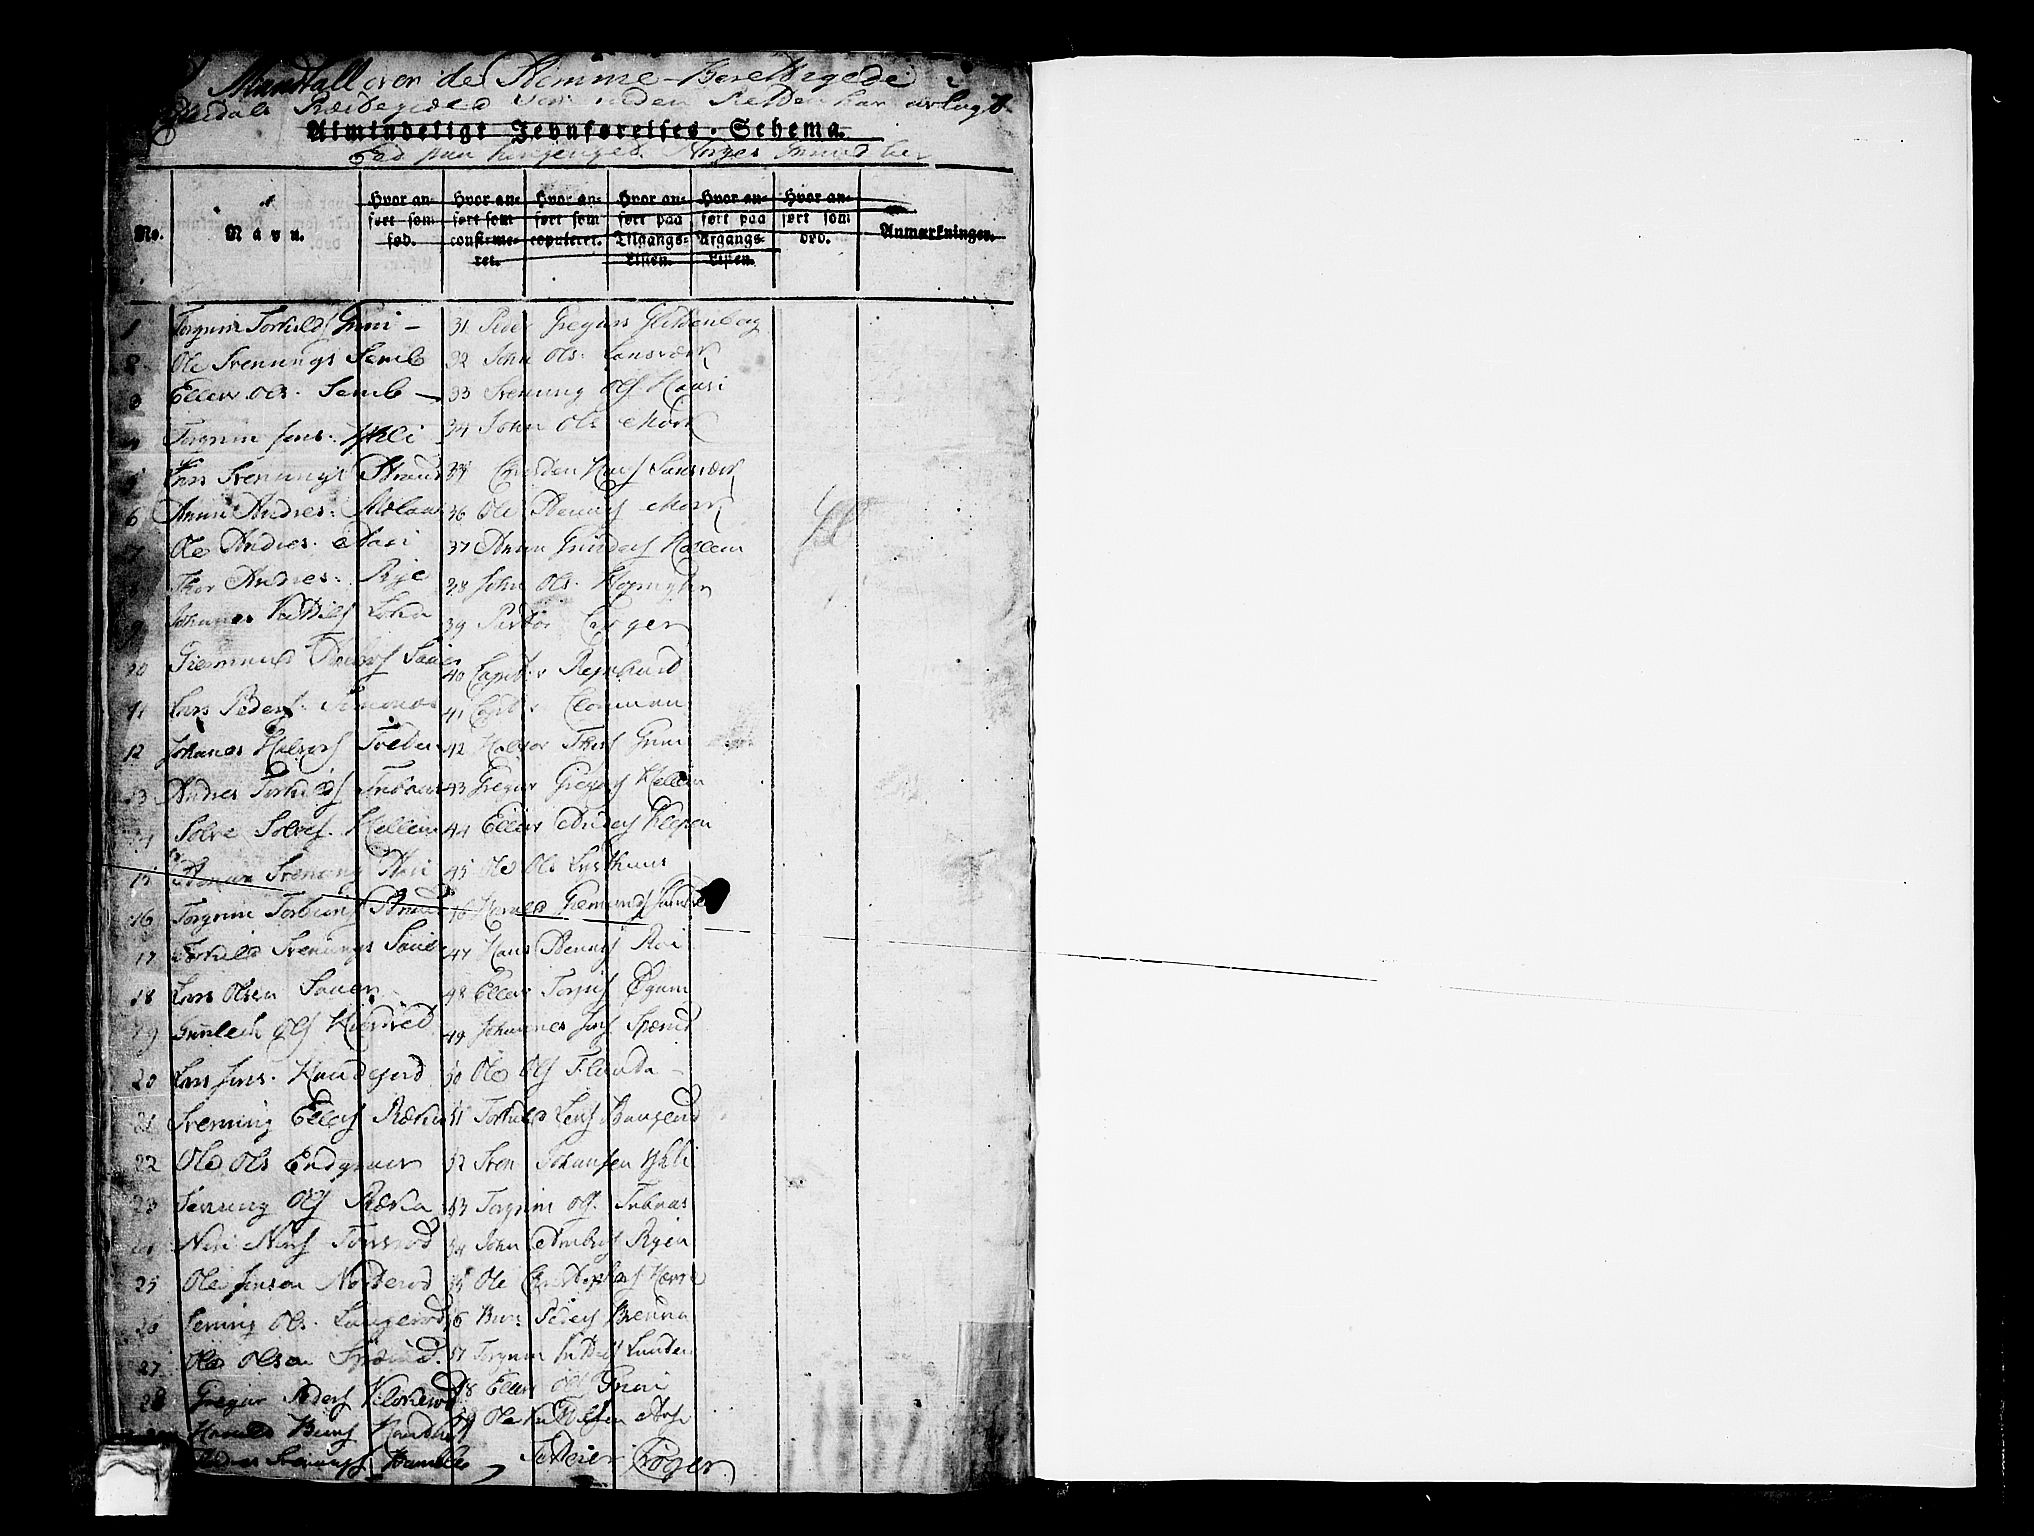 SAKO, Heddal kirkebøker, F/Fa/L0005: Ministerialbok nr. I 5, 1814-1837, s. 763-764